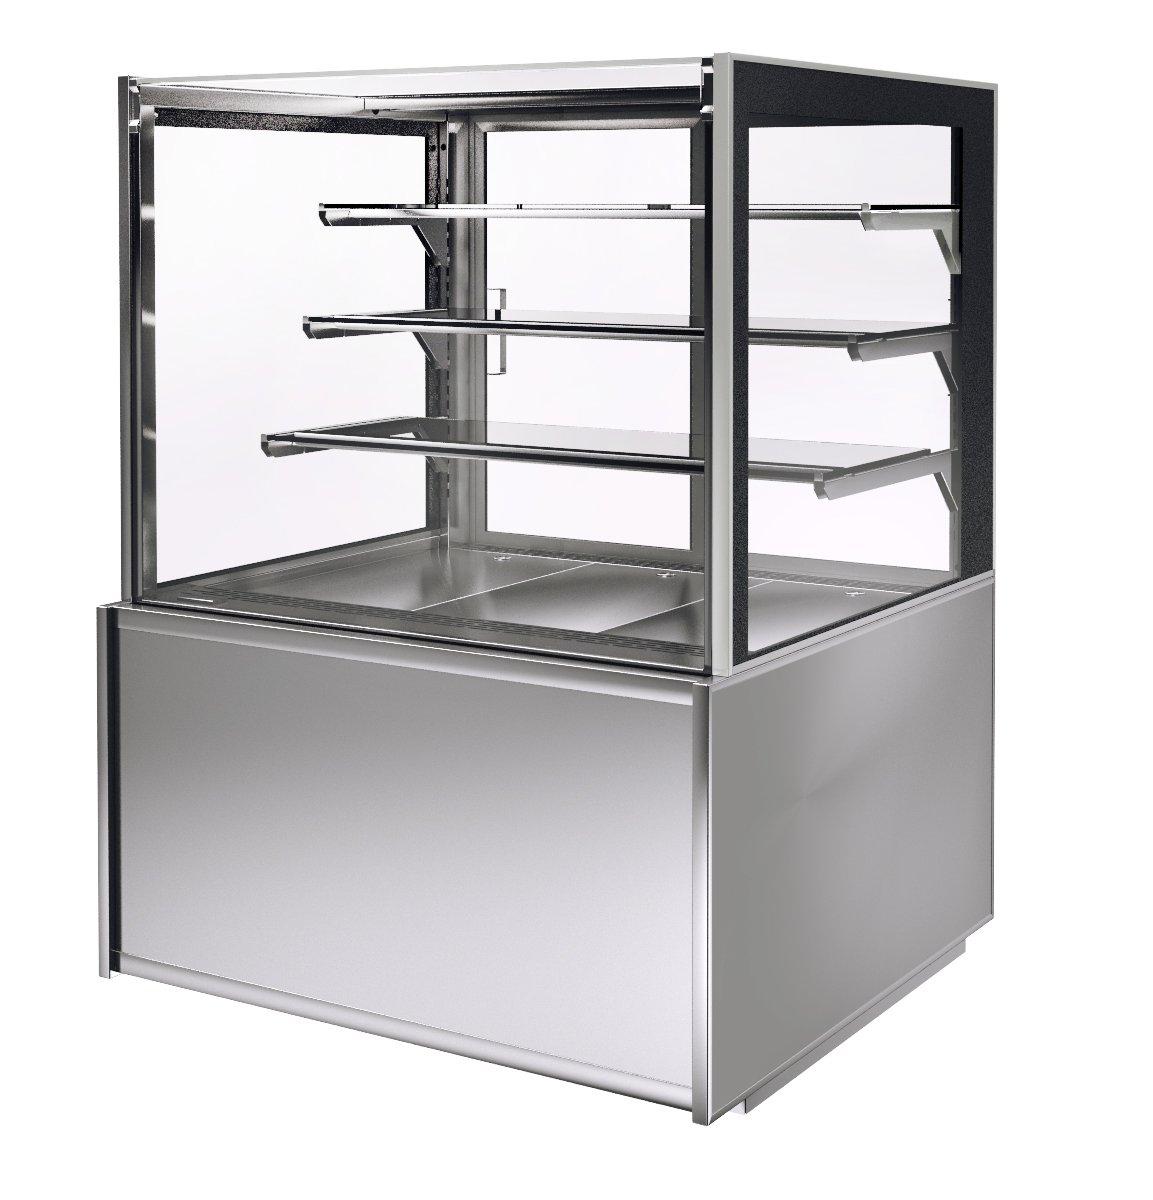 витрины холодильные купить выгодно